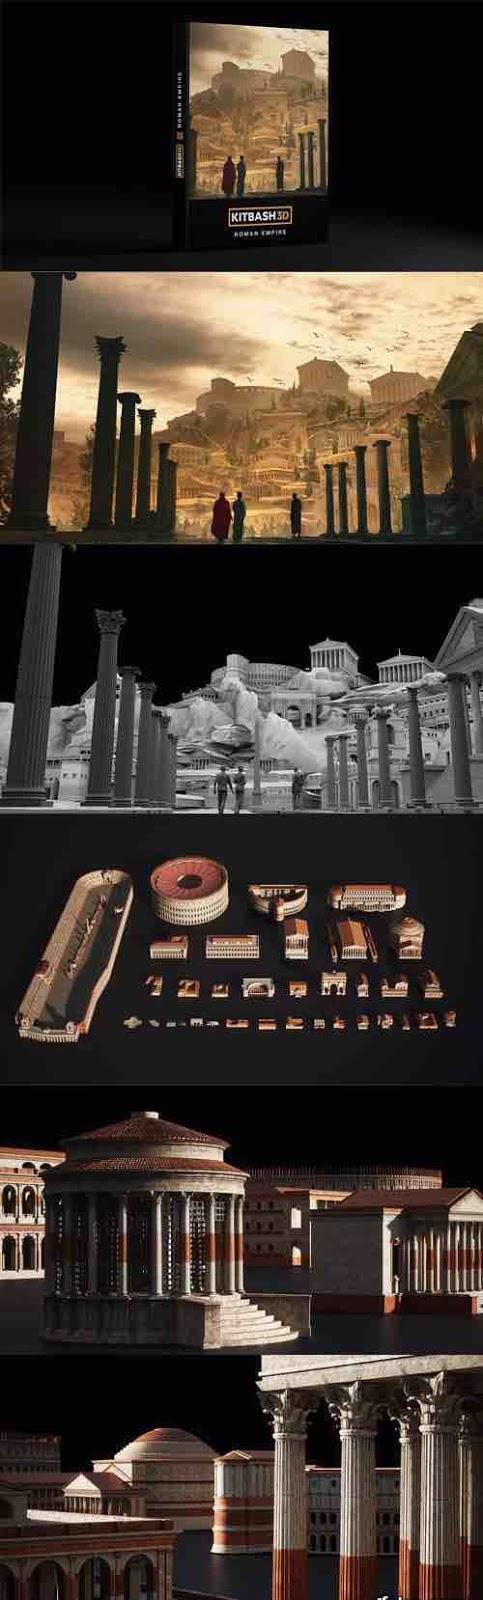 موديل ثري دي للامبراطورية الرومانية | MA - .MAX - .OBJ - .FBX.